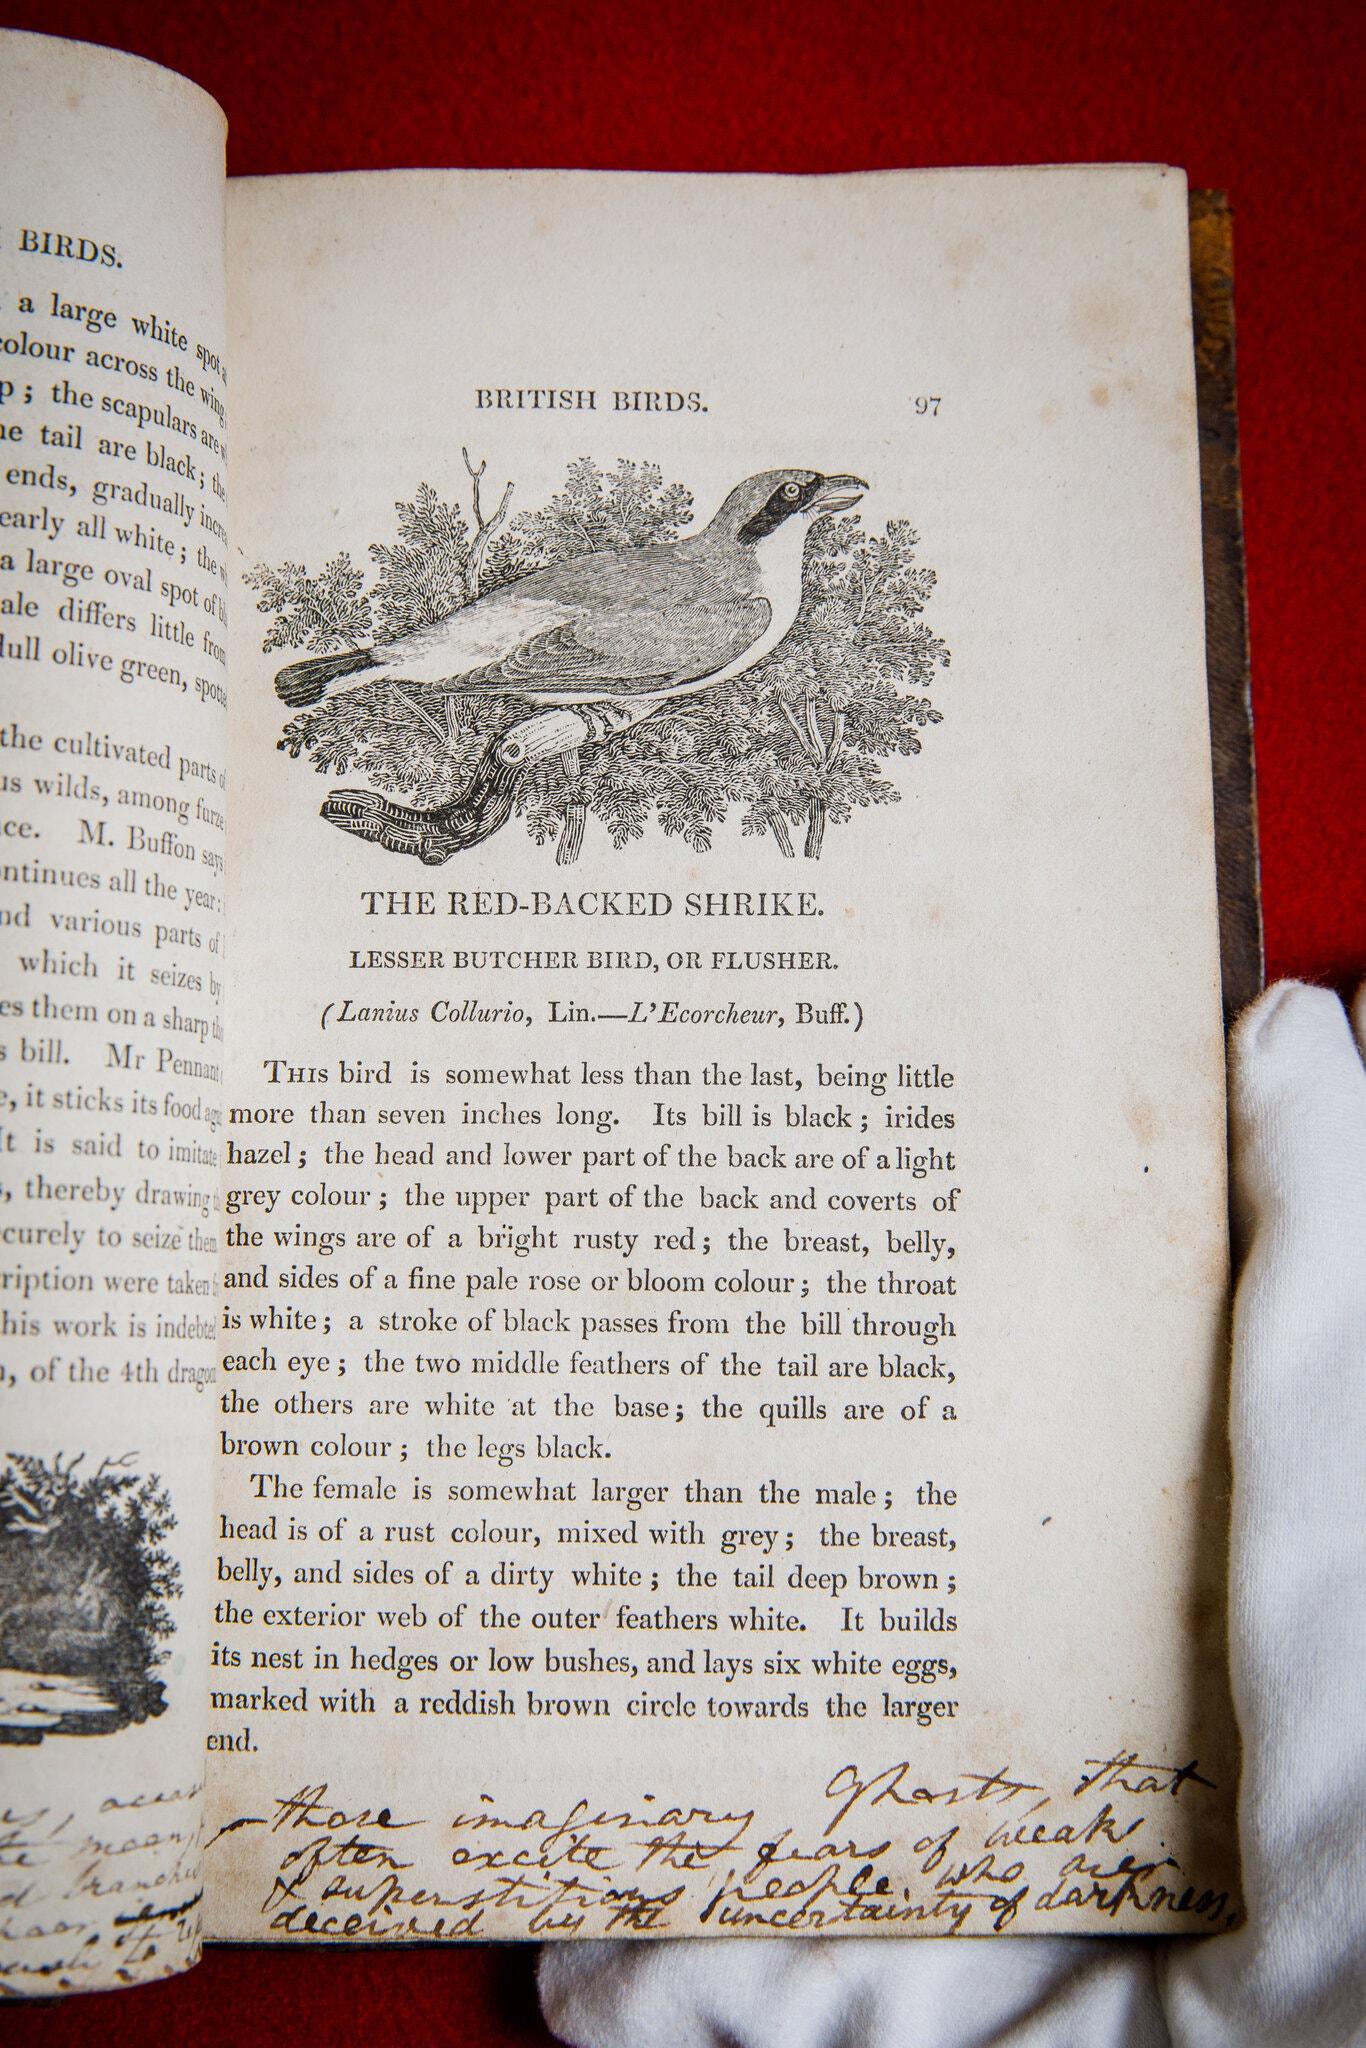 勃朗特一家所拥有的托马斯·比尤伊克的《英国鸟类史》副本 图源:苏富比拍卖行